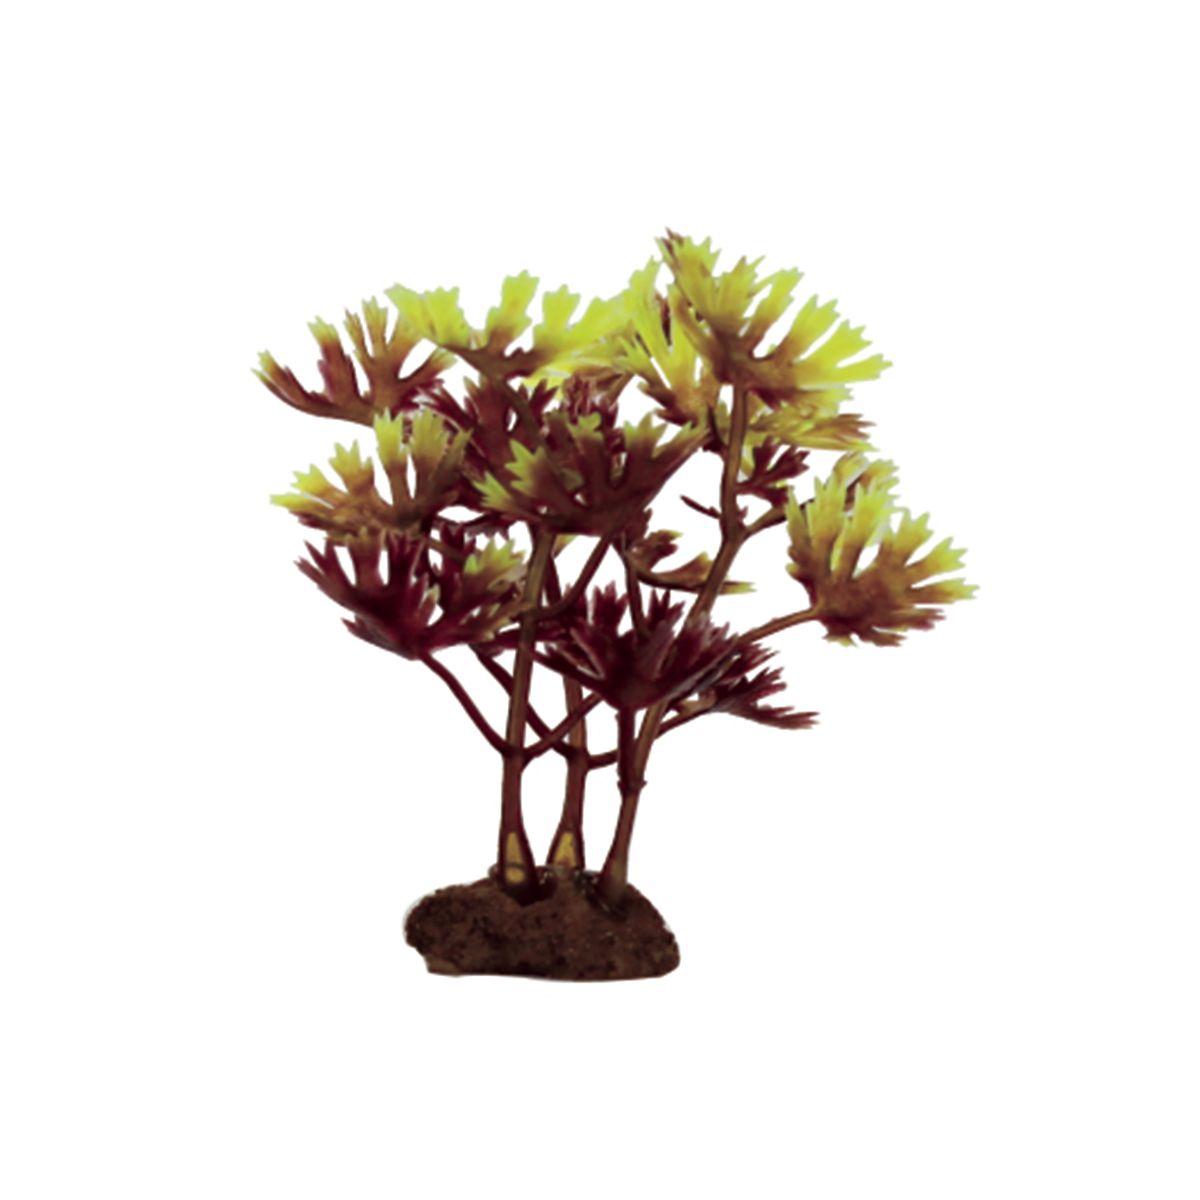 Растение для аквариума ArtUniq Лютик водный красно-зеленый, высота 10 см, 6 штART-1170511Композиция из искусственных растений ArtUniq превосходно украсит и оживит аквариум.Растения - это важная часть любой композиции, они помогут вдохнуть жизнь в ландшафт любого аквариума или террариума. А их сходствос природными порадует даже самых взыскательных ценителей.